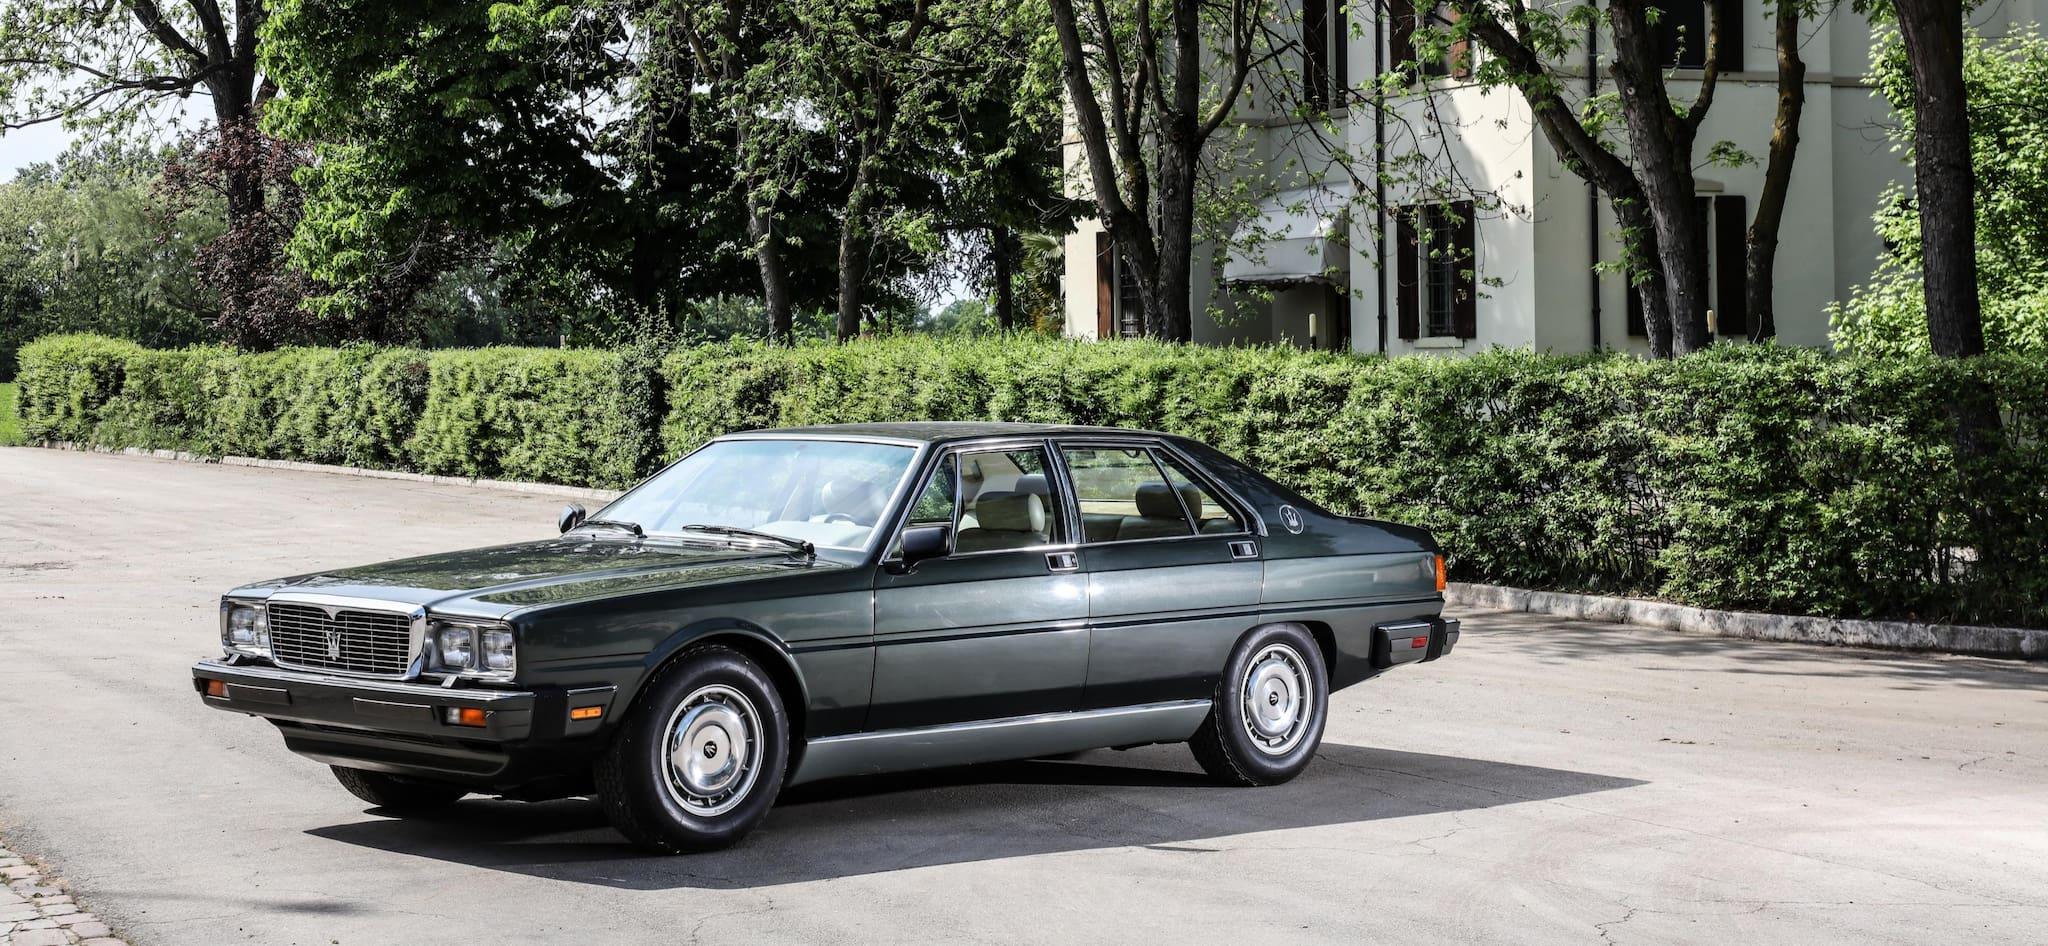 40 Years Ago Maserati Quattroporte was Presented To Italian President Pertini